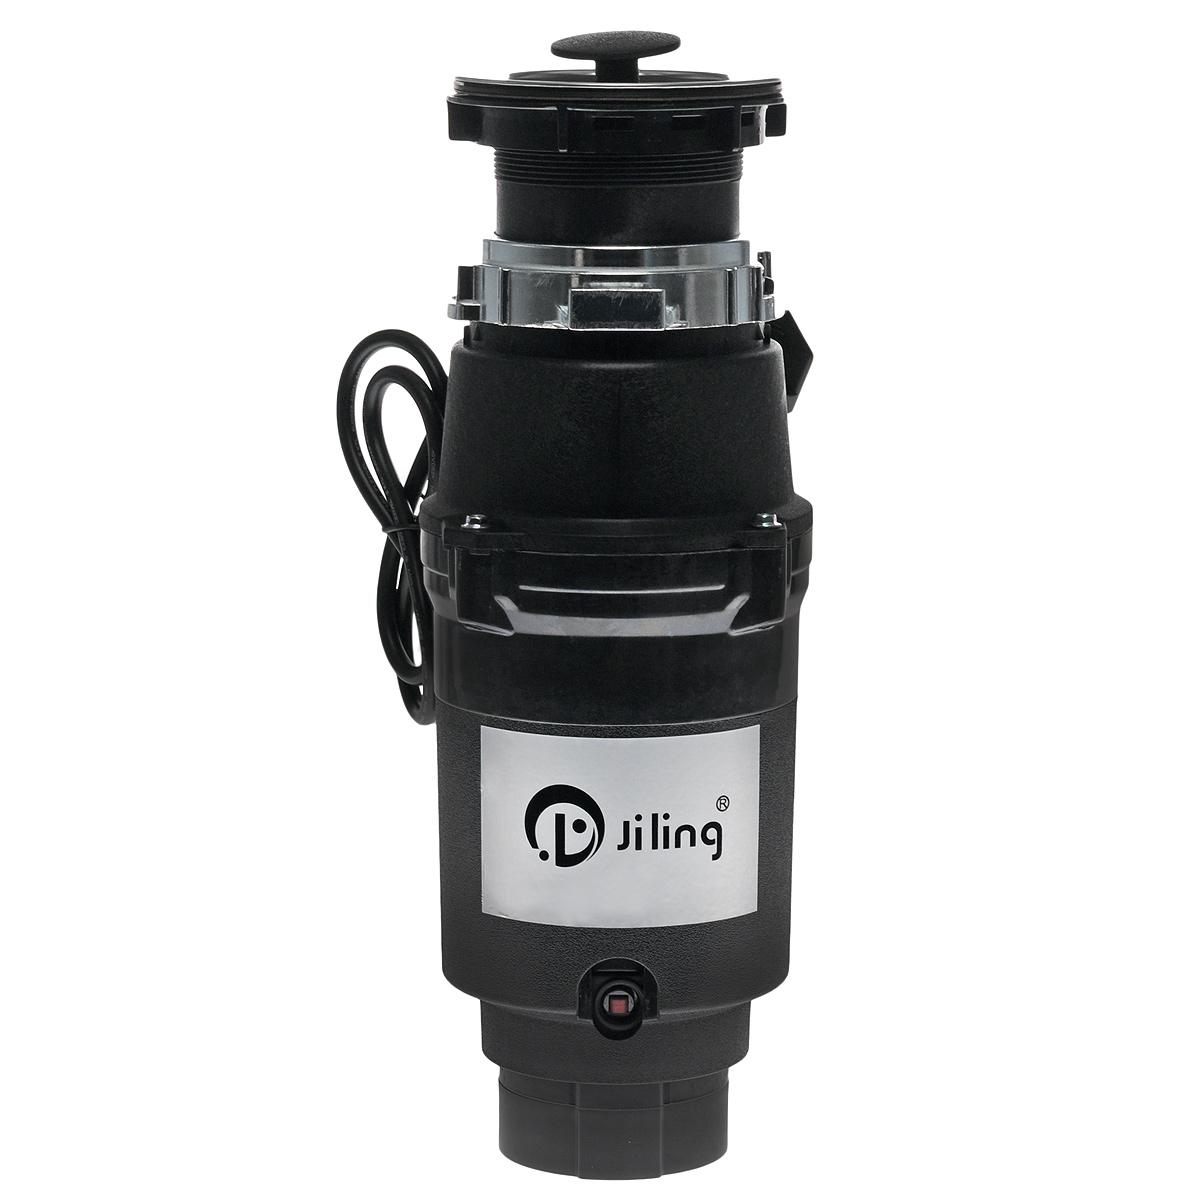 Измельчитель пищевых отходов Jiling FCD-320FCD-320Измельчитель бытовых отходов Jiling FCD-320 предназначен для установки в кухонных помещениях. Имеет хорошую звукоизоляцию, что делает его практически бесшумным. Тип мотора: магнитный мотор Напряжение: 220-240 В Диаметр измельчителя: 11,5 см. Скорость двигателя без нагрузки: 3600 об/мин Непрерывная подача Функция Anti-jam Функция Dual EMI Специальный PM двигатель с большим крутящим моментом для высокой производительности Камера измельчения и поворотные рабочие колеса из нержавеющей стали